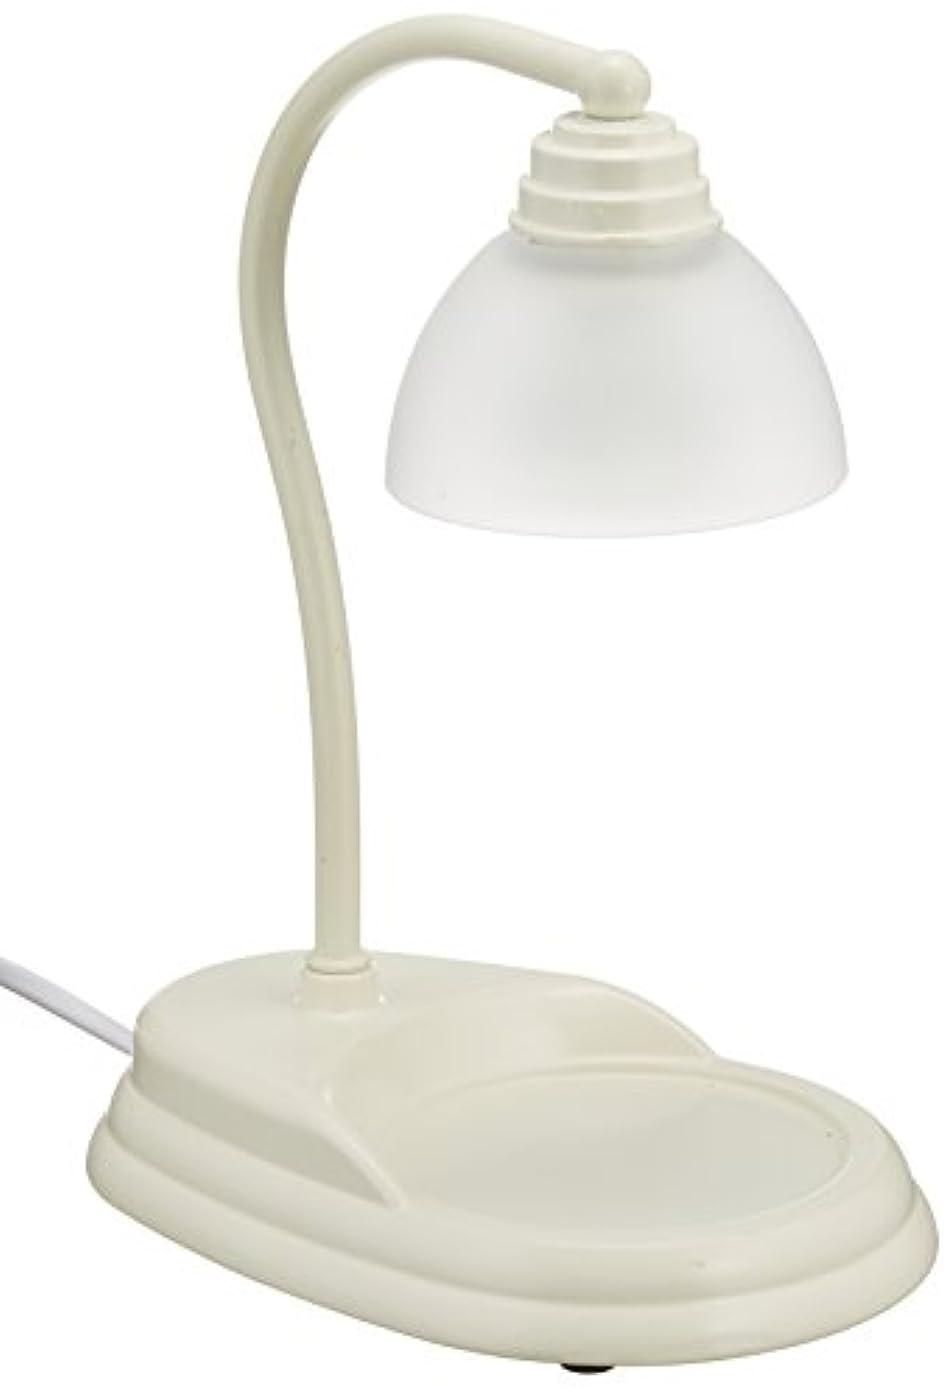 固執傑出したビーム電球の熱でキャンドルを溶かして香りを楽しむ電気スタンド キャンドルウォーマーランプ (ホワイト)